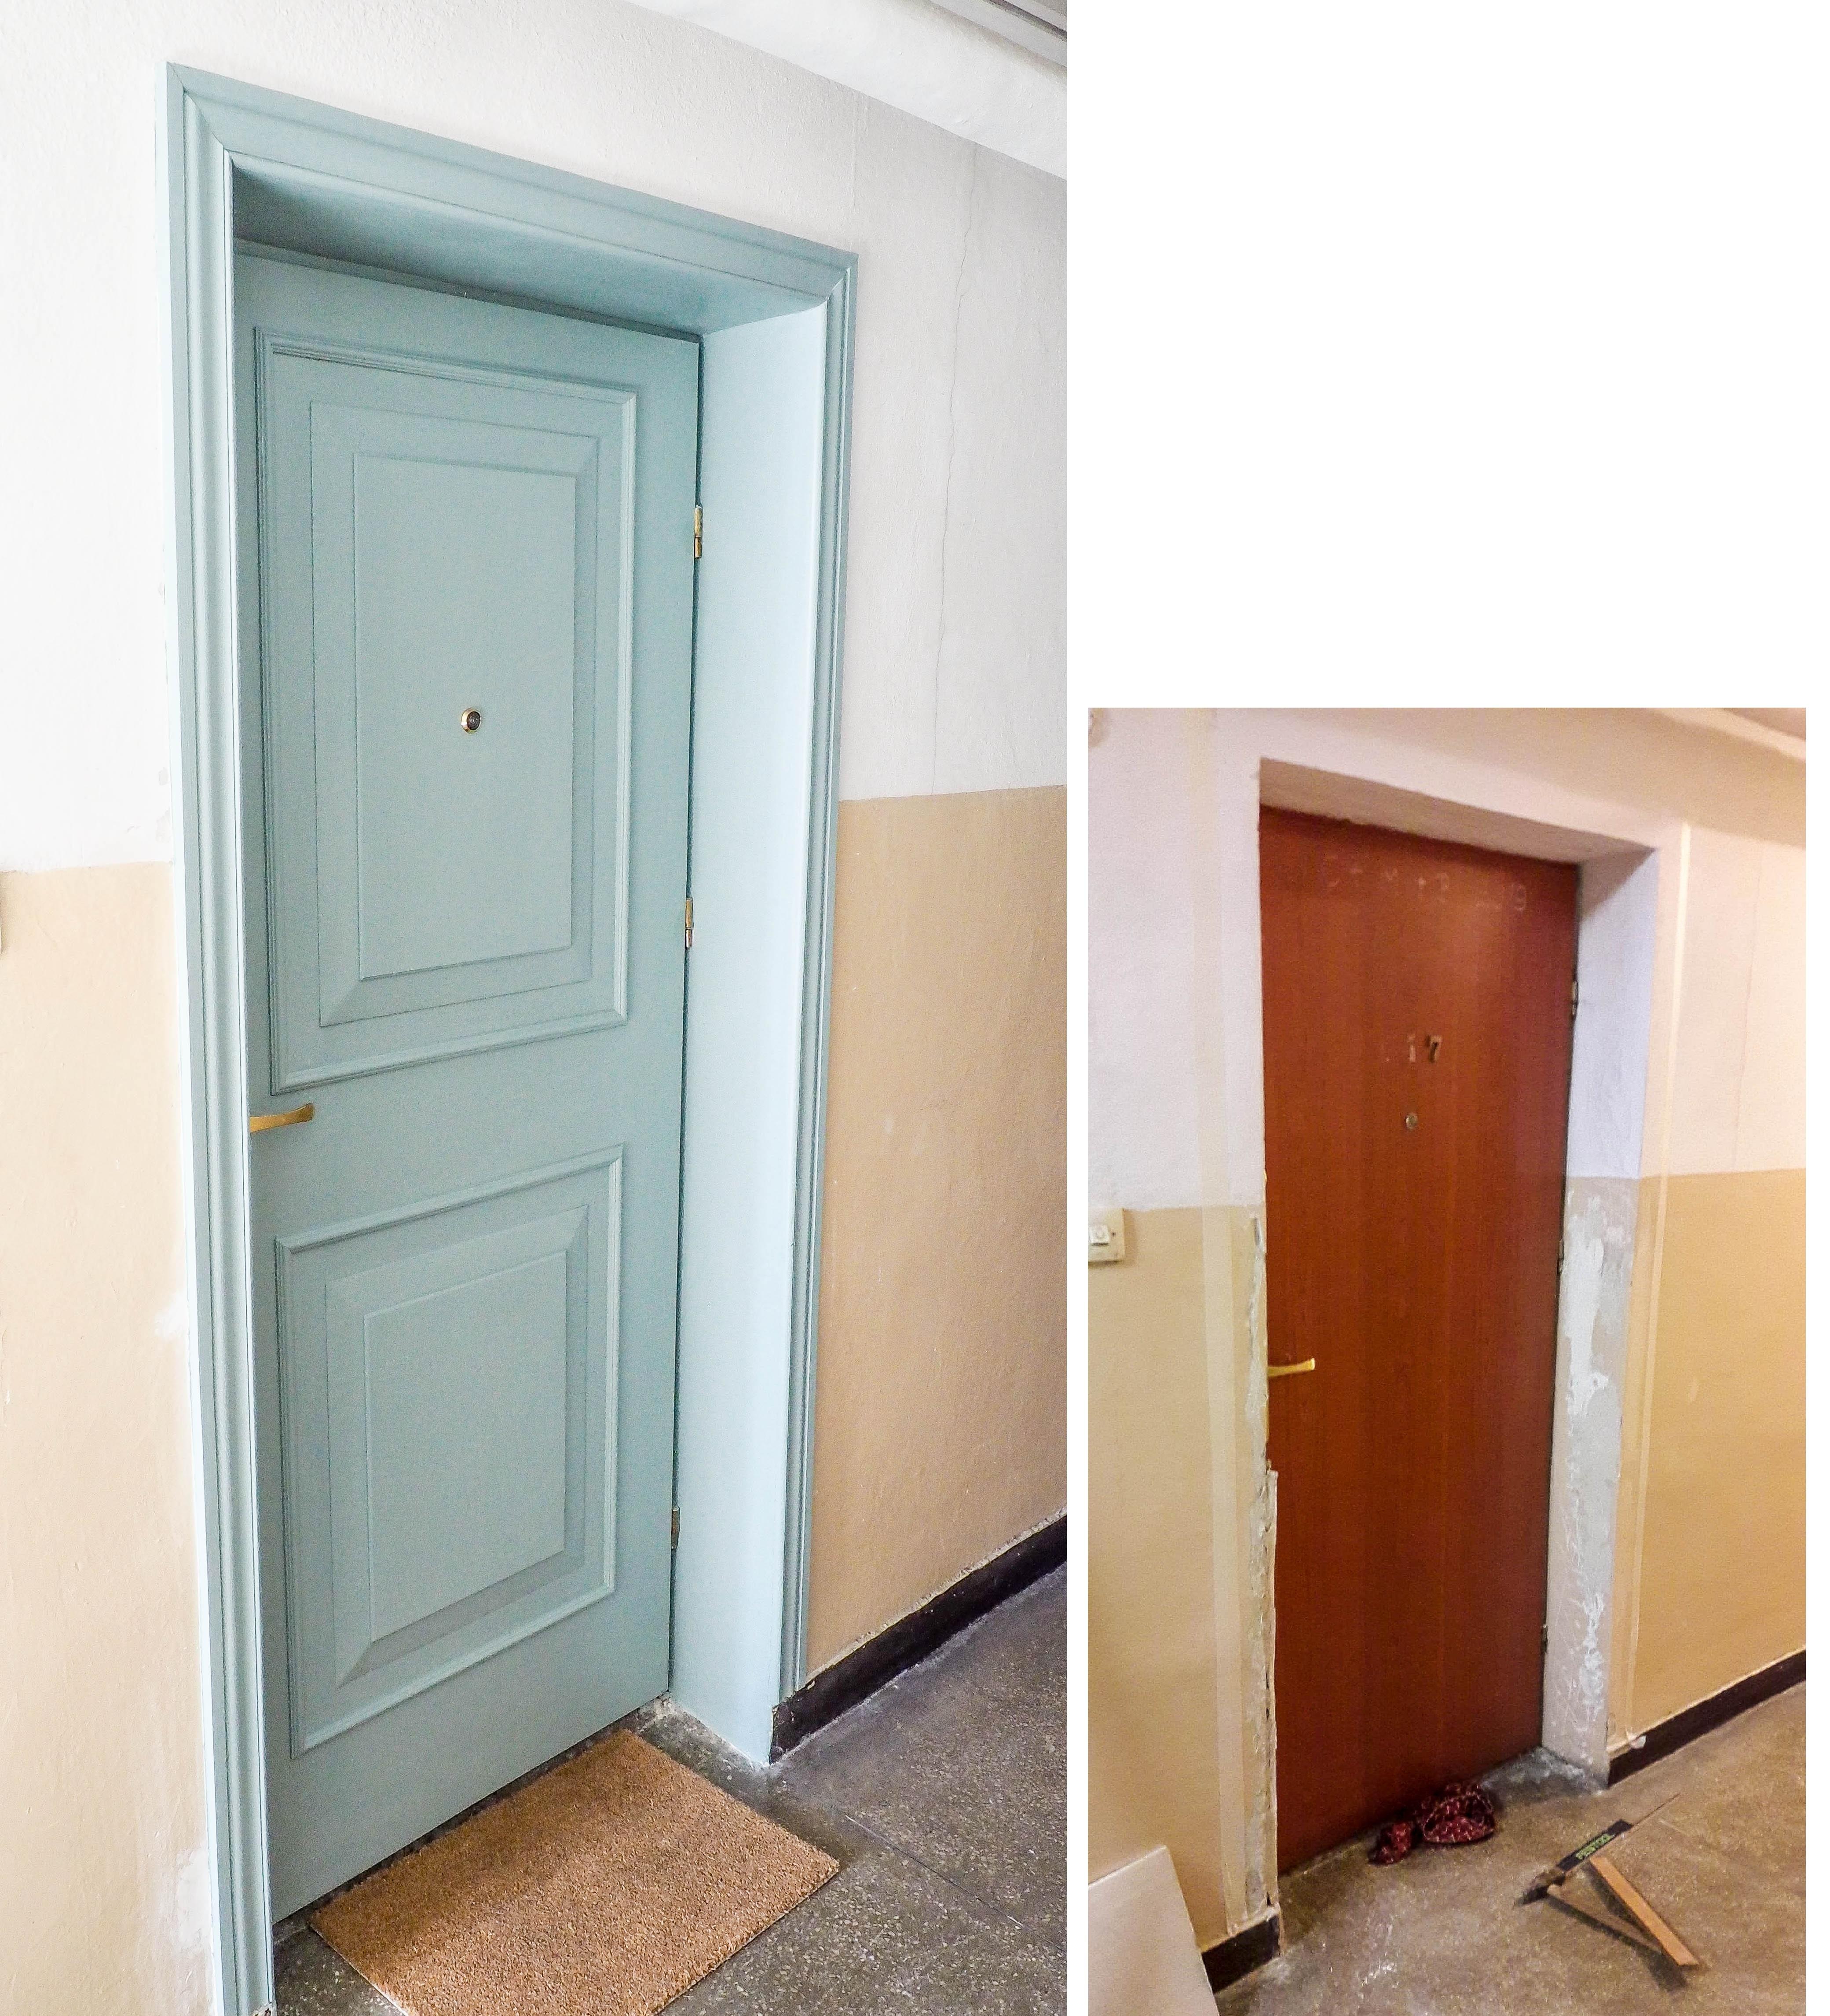 Annie Sloan Svenska Blue farba do malowania drzwi